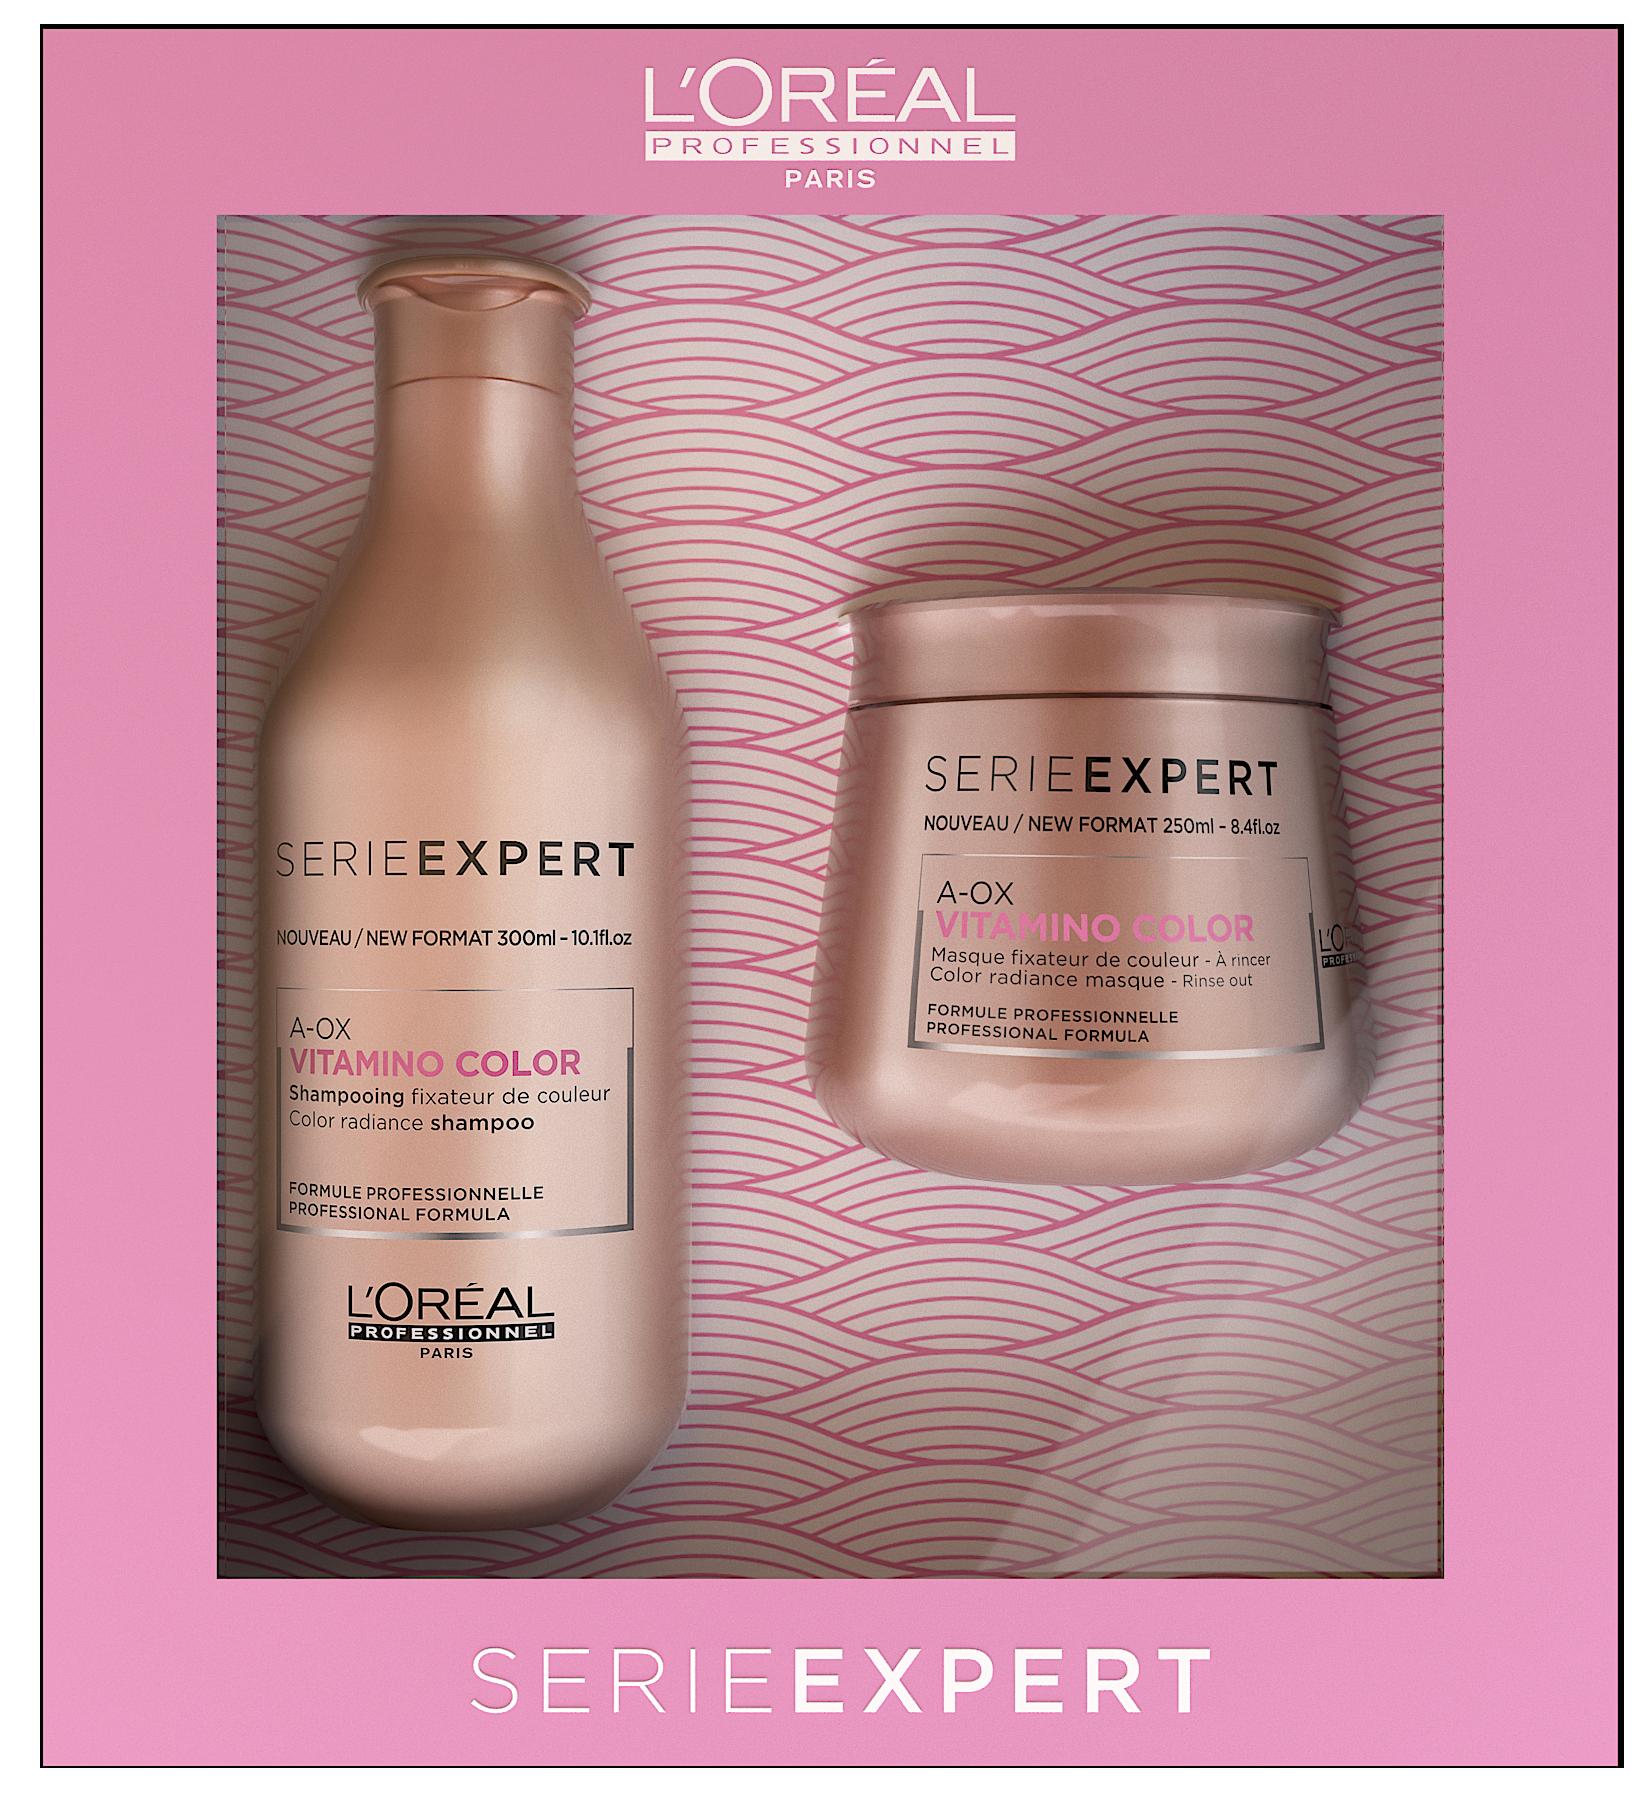 LOREAL PROFESSIONNEL Набор для окрашенных волос (шампунь + маска) / ВИТАМИНО КОЛОР (весна 2019)